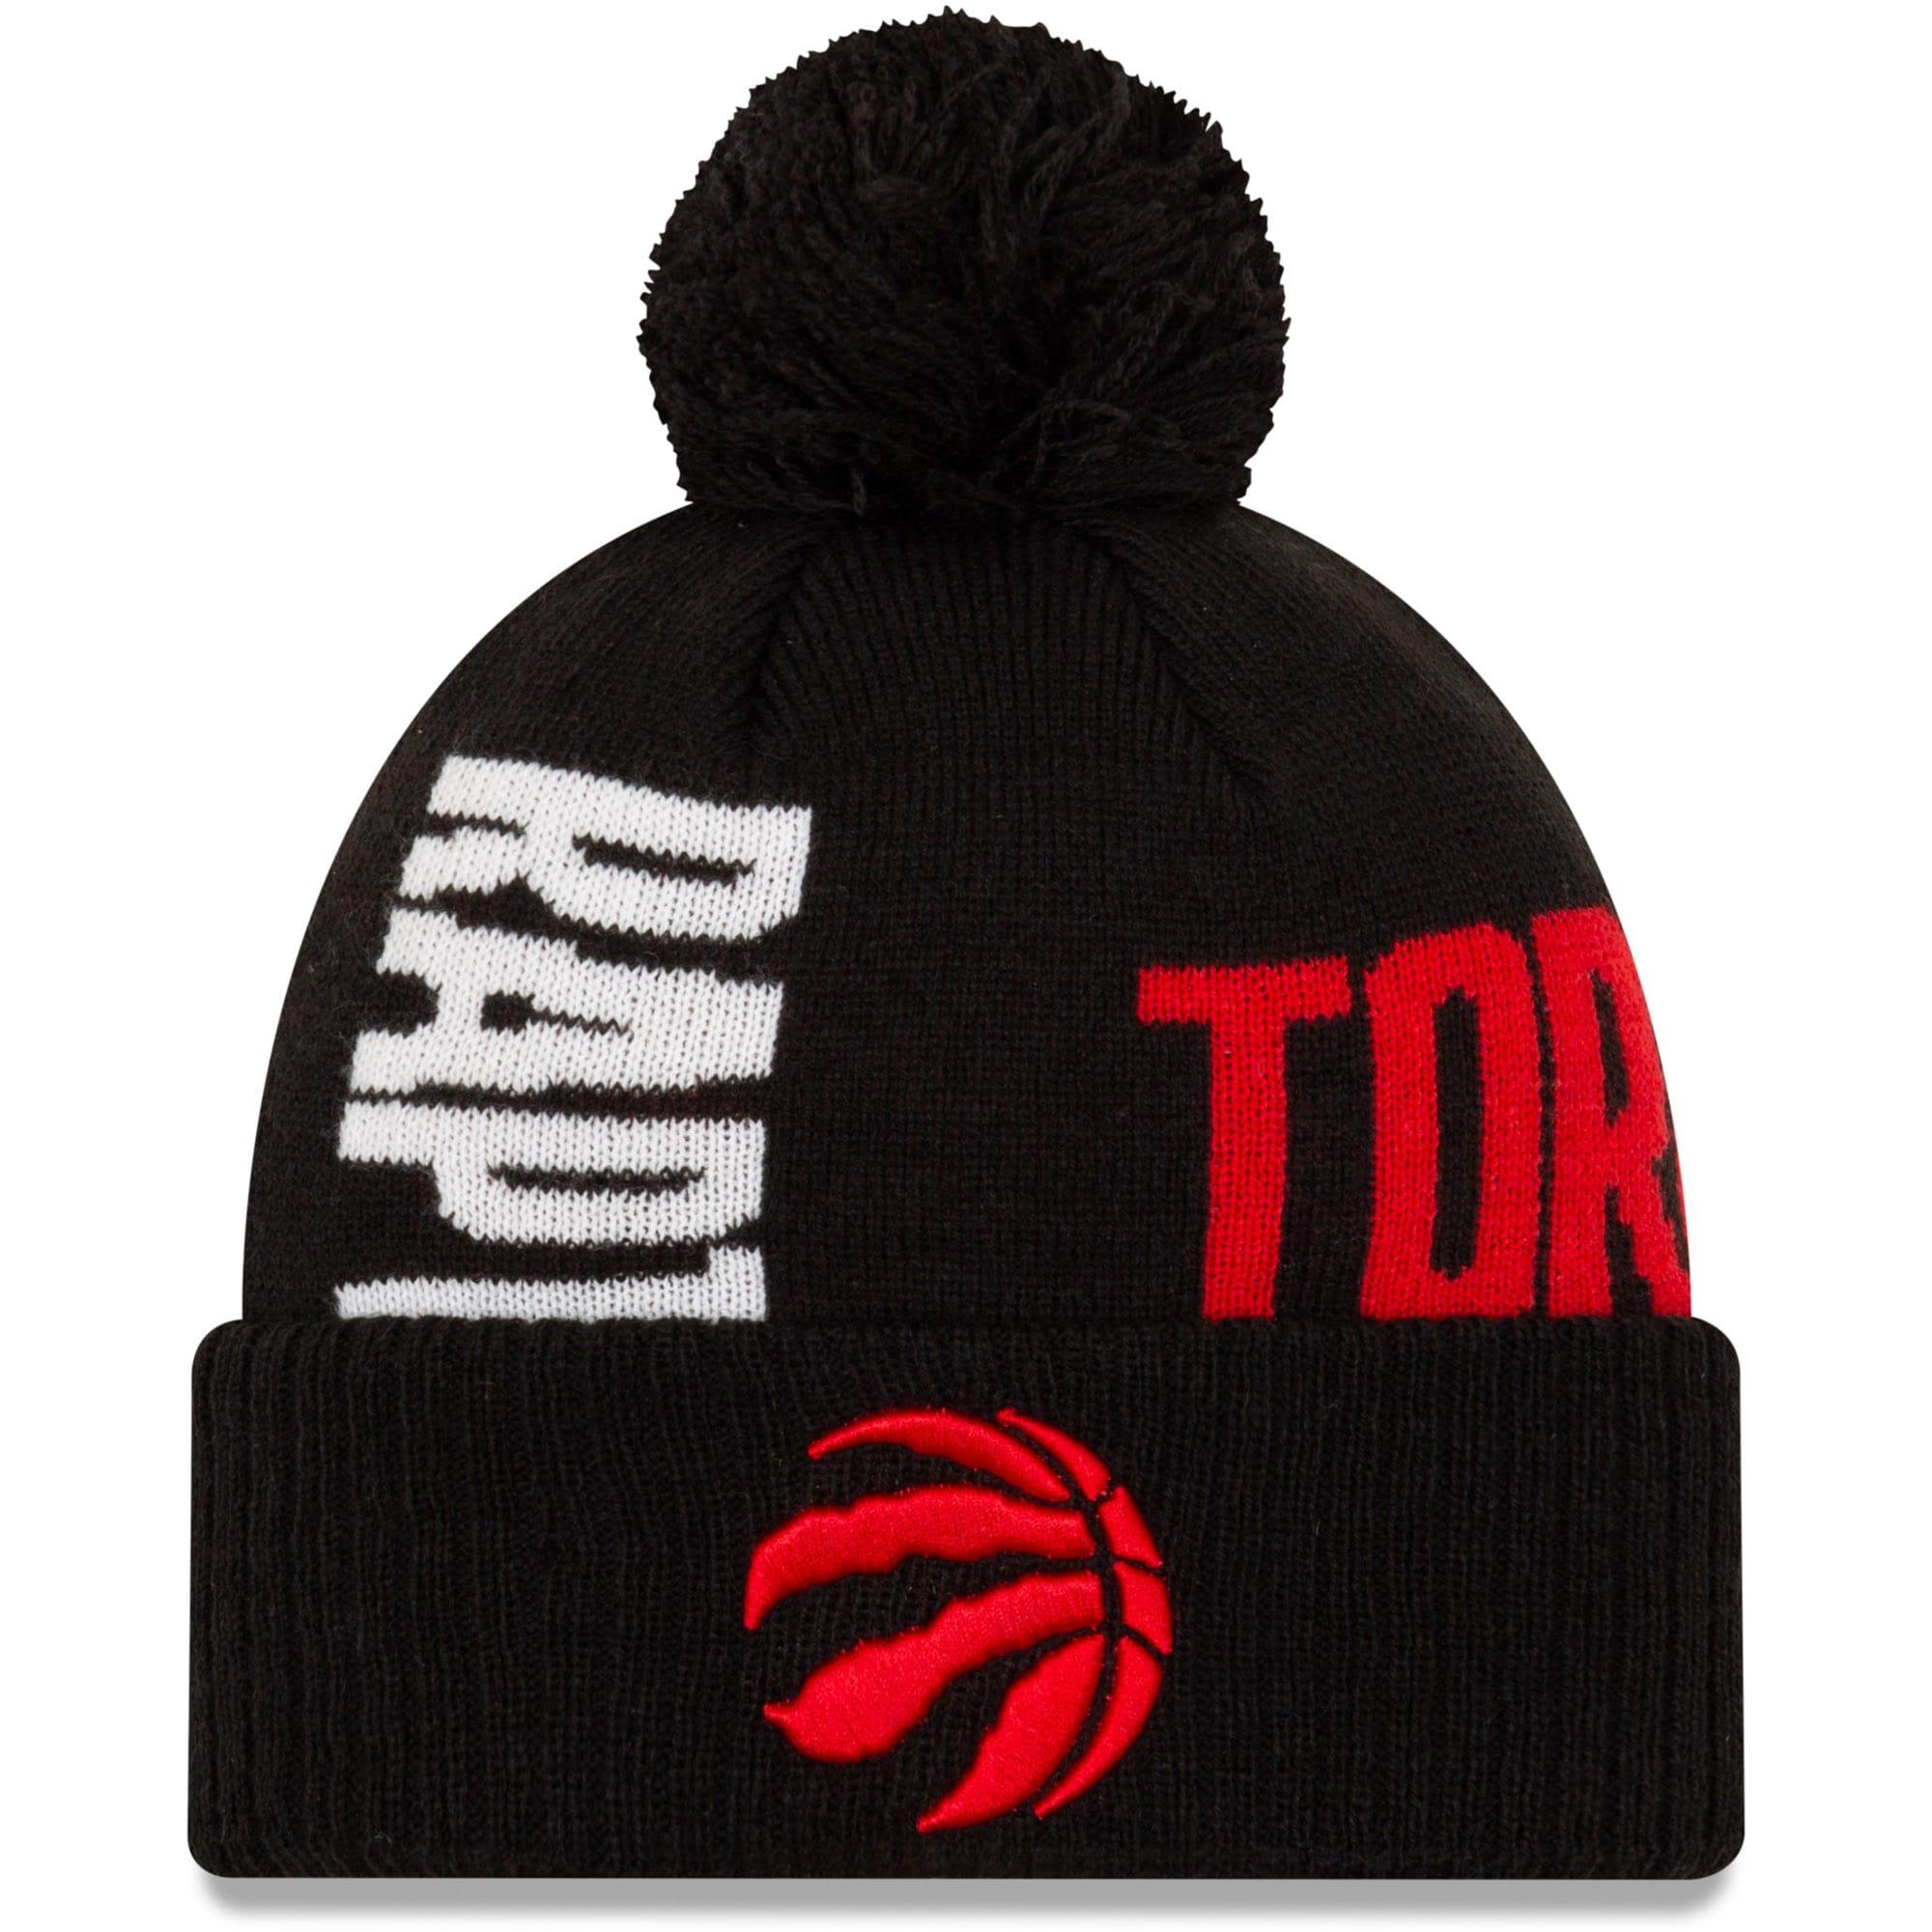 Toronto Raptors New Era 2019 NBA Tip-Off Series Cuffed Knit Hat - Black